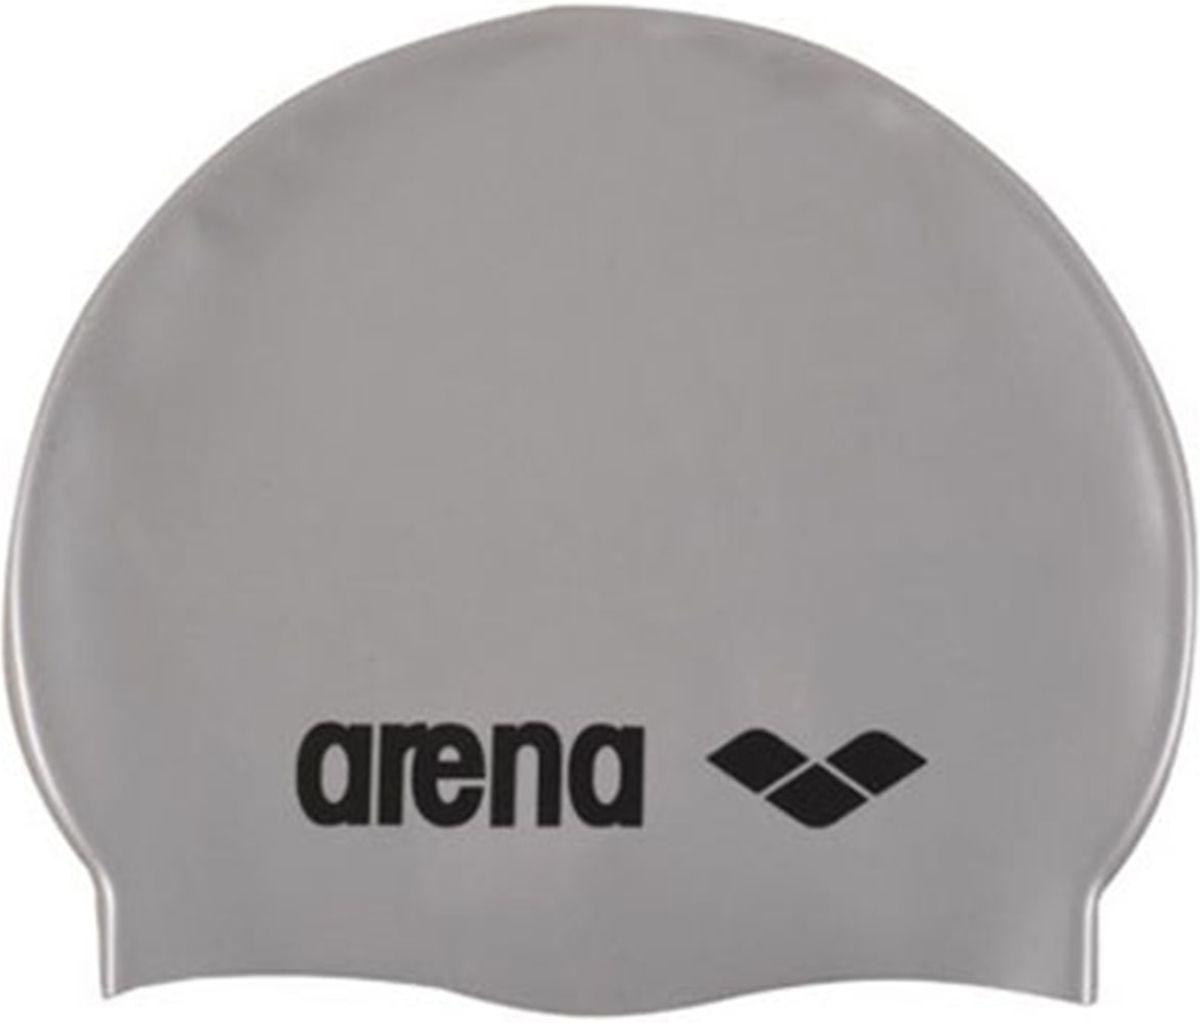 Шапочка для плавания Arena Classic Silicone Cap, цвет: серебристый, черныйУТ-00008451Шапочка для плавания (силиконовая) Arena Classic Silicone Cap - комфортная мягкая шапочка для тренировок. Классическая плоская форма.Модель шапочки для плавания из силикона на ощупь материал препятствует склеиванию и прилипанию волос, облегчает снятие шапочки после использования.Силикон быстро сохнет, его не нужно посыпать тальком – достаточно после сеанса в бассейне сполоснуть шапочку в пресной проточной воде и высушить при комнатной температуре. Силиконовые шапочки довольно прочные, но длинные волосы лучше закреплять резинками, а не заколками. Силикон не вызывает аллергии и может использоваться людьми с чувствительной кожей.Недостаток шапочек для плавания из силикона – они довольно сильно сдавливают уши и лоб, что может вызвать дискомфорт.Характеристики:Материал: 100% силиконЦвет: silverРазмер: один